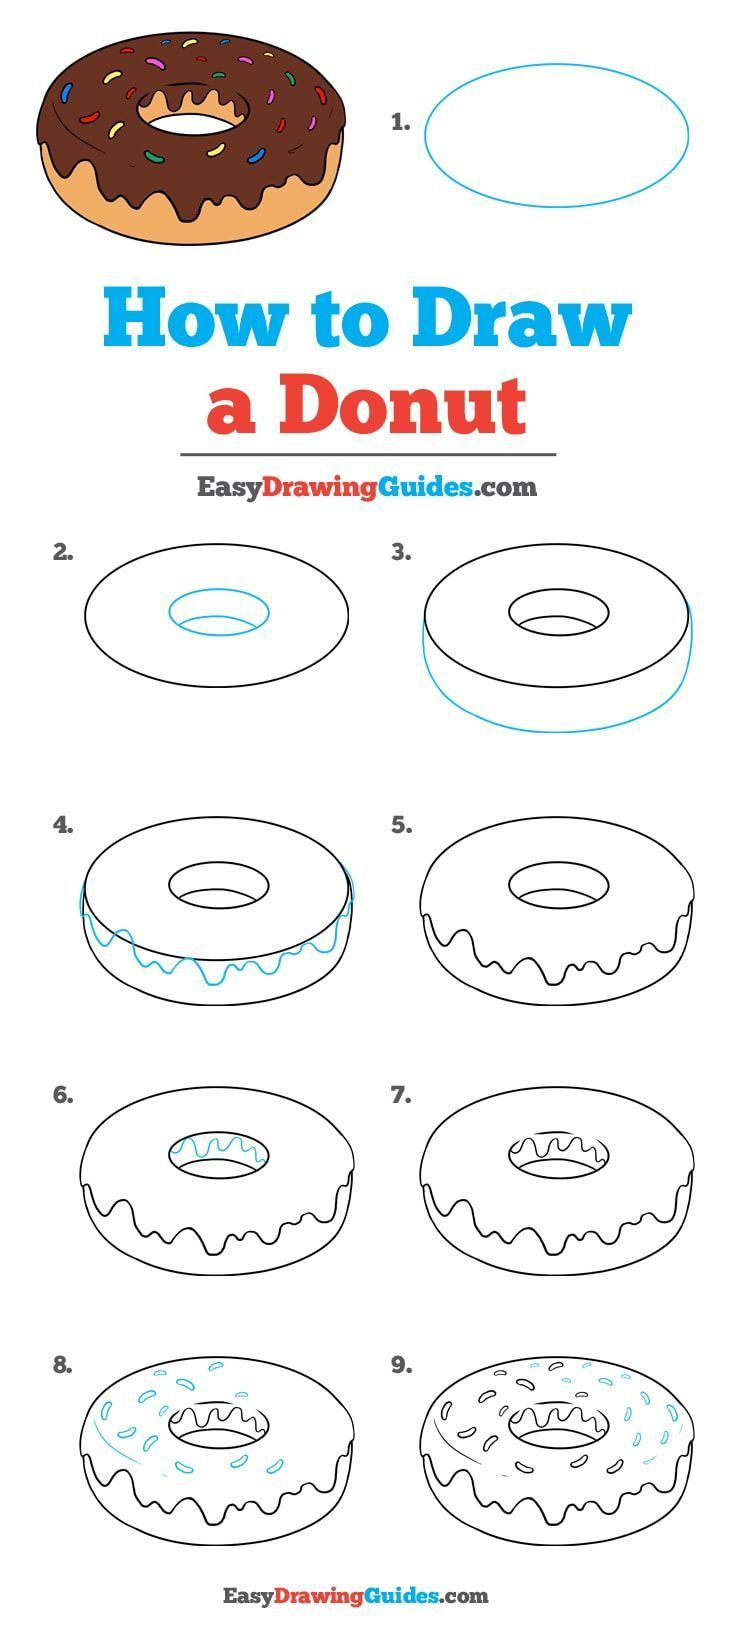 Lernen Sie, wie man einen Donut zeichnet: Einfaches Zeichnen-Tutorial für Kinder und Beginnen